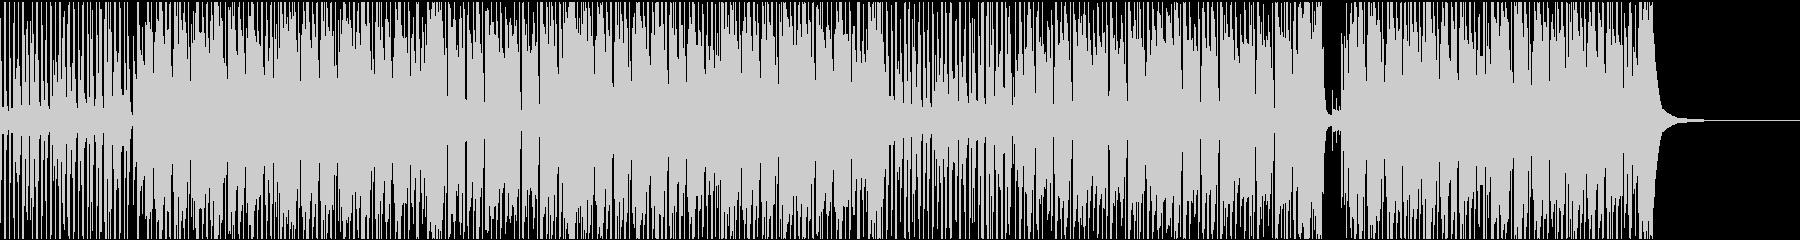 映像BGMユーチューブ風汎用性高ハッピーの未再生の波形